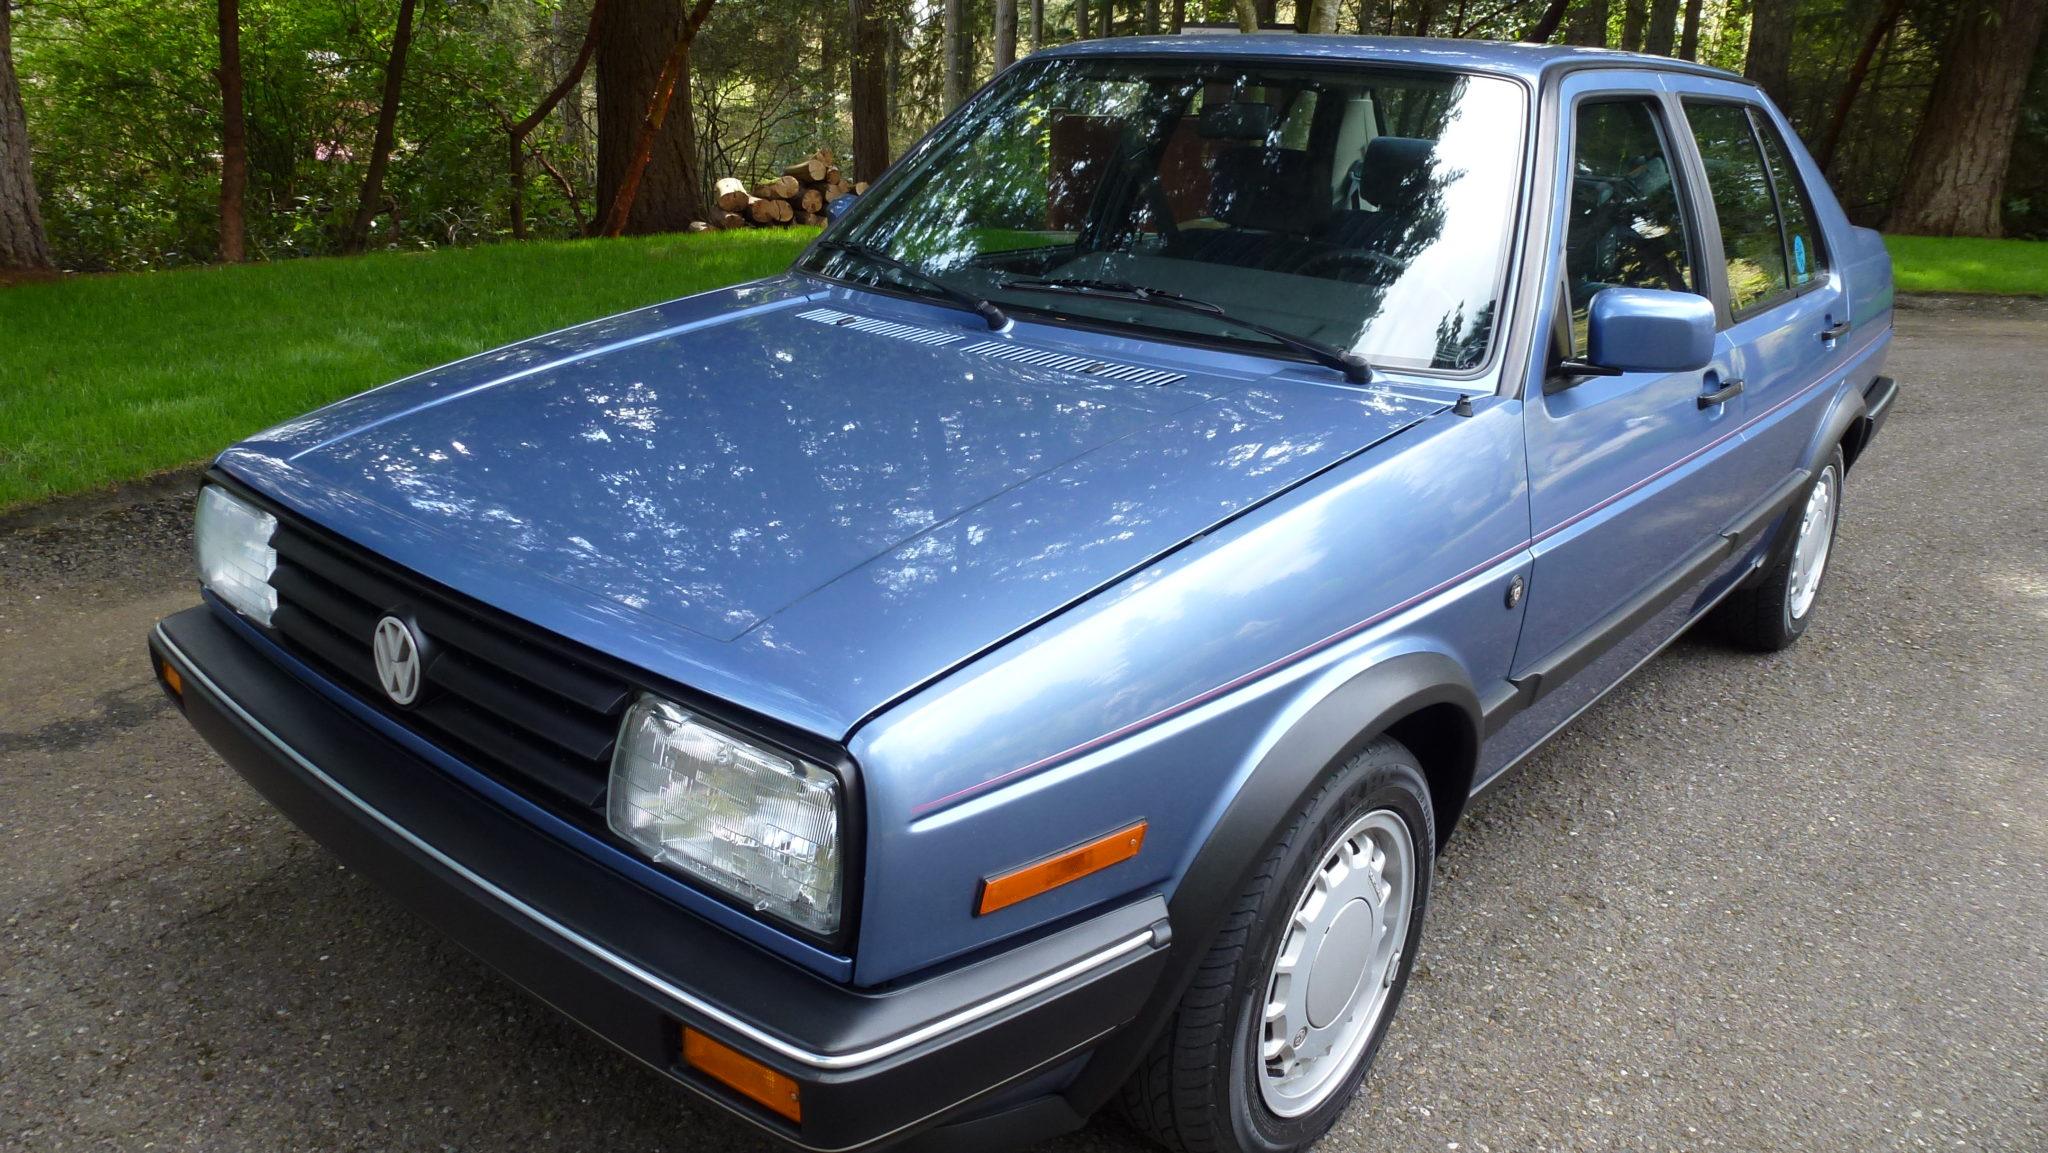 1989_volkswagen_jetta_15875864177dff9f98764daP1070605-scaled